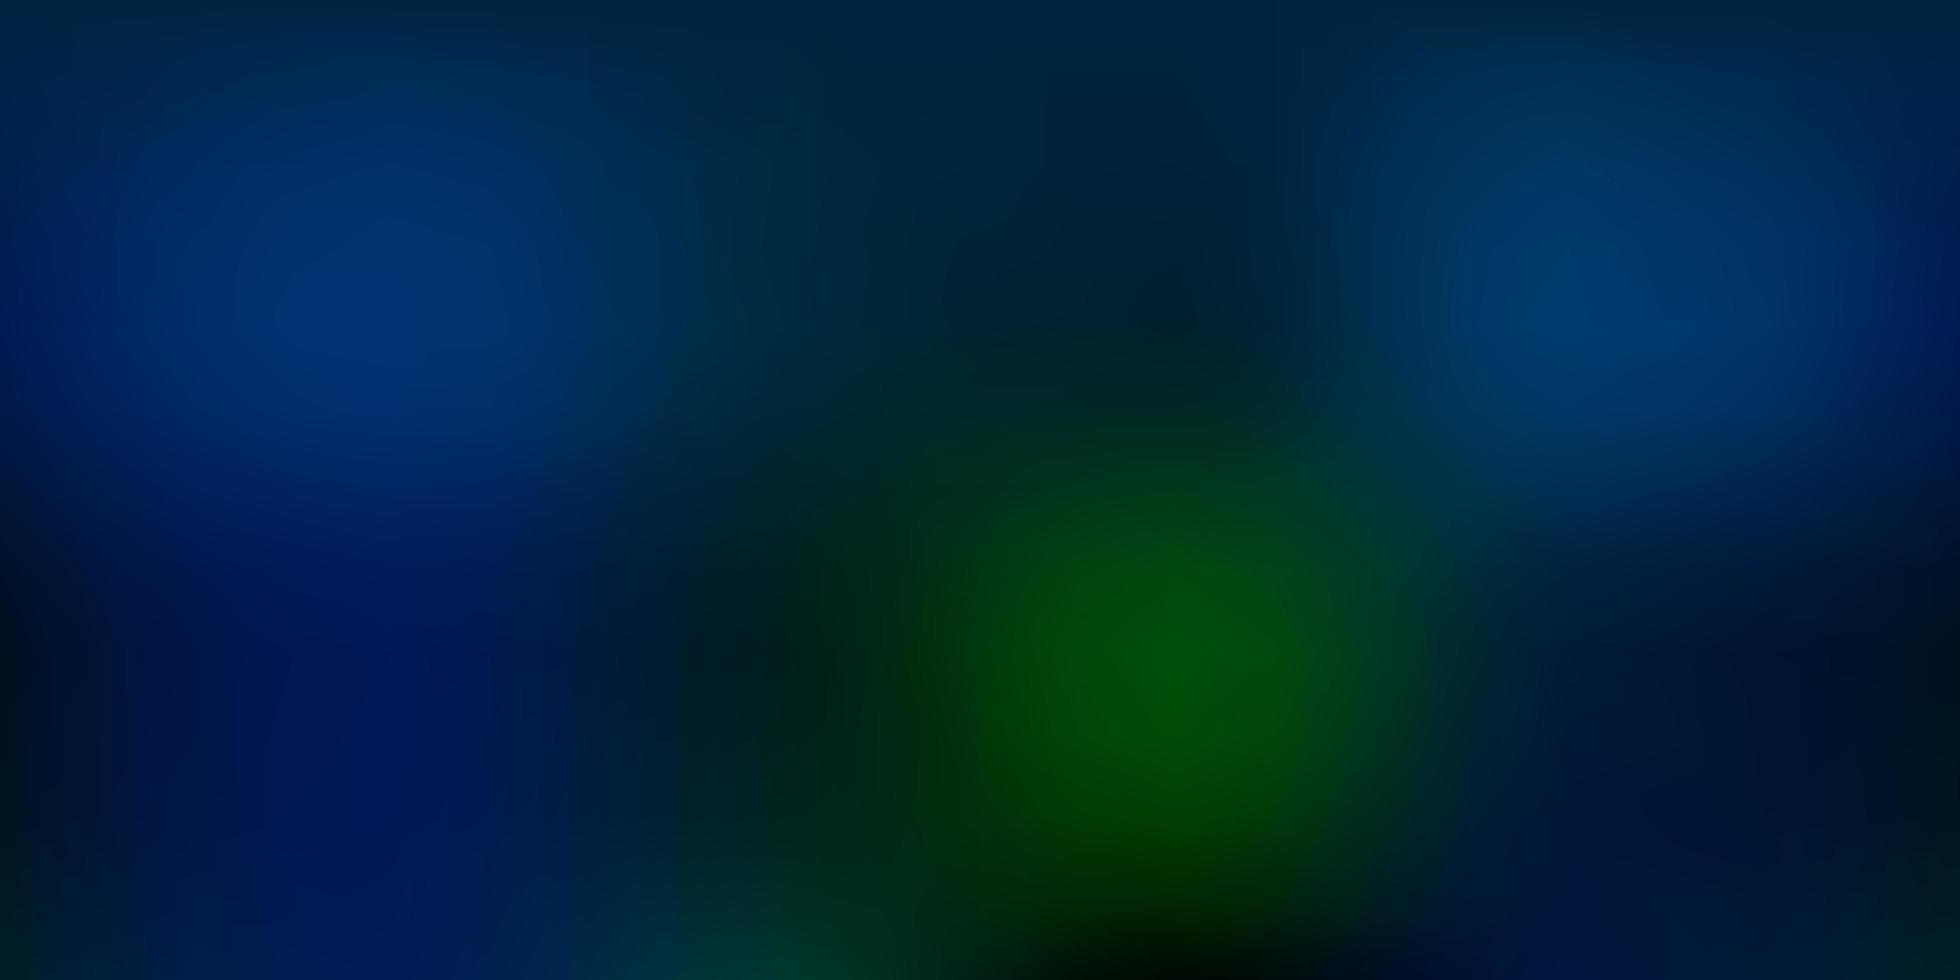 blu scuro, verde vettoriale astratto sfocatura texture.